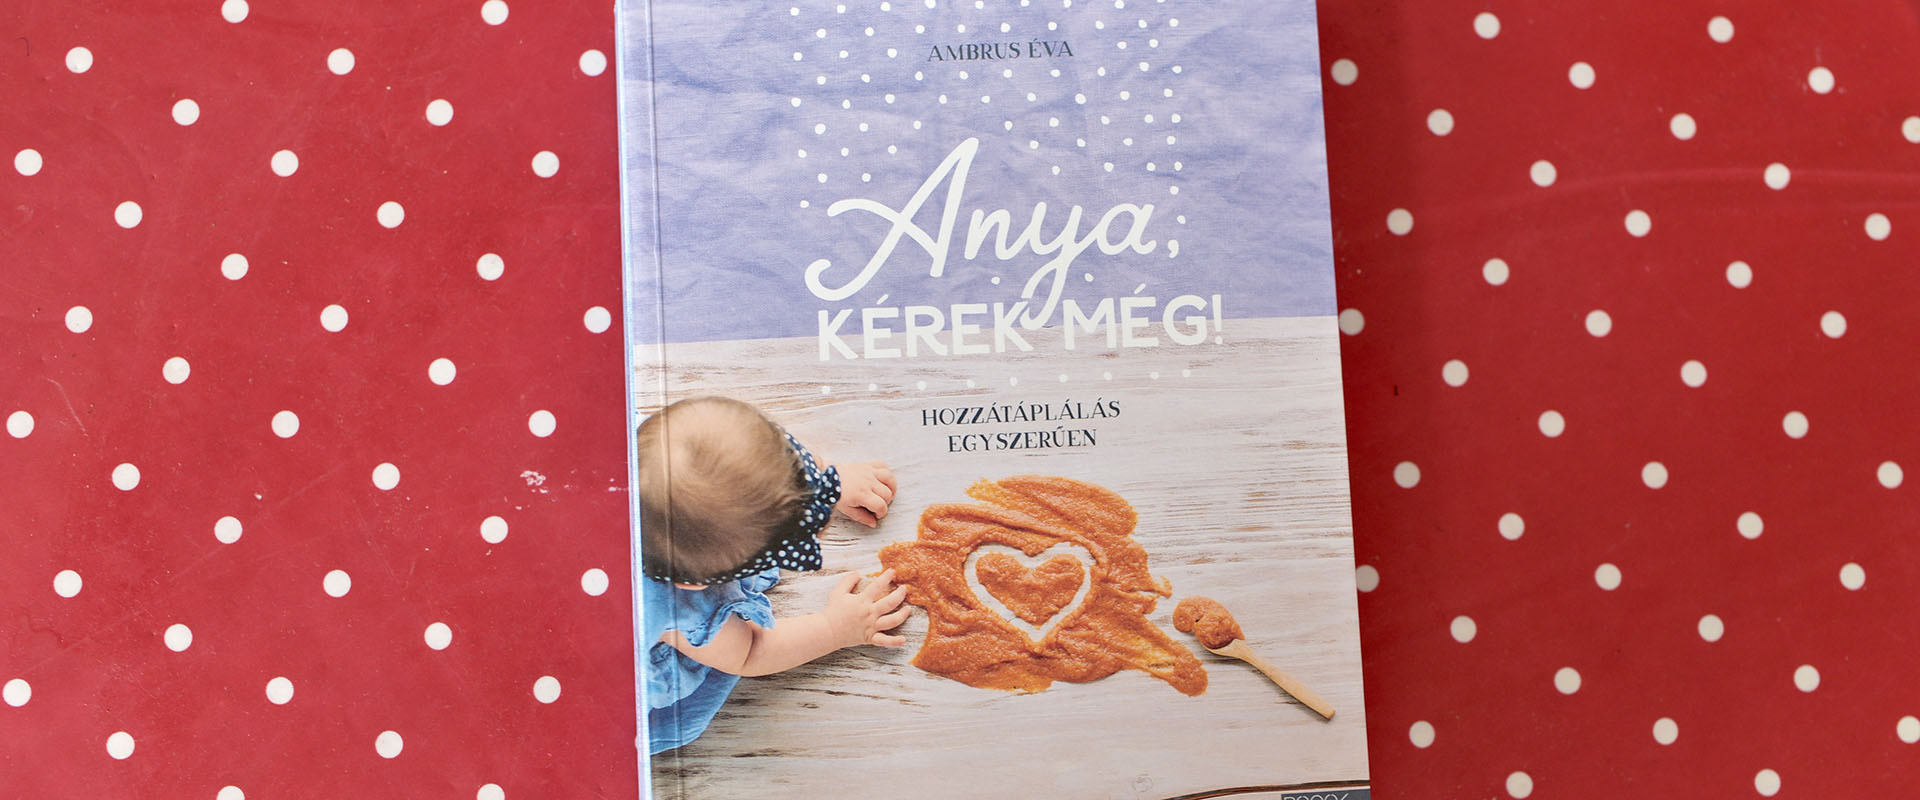 anyakerekmeg - cover